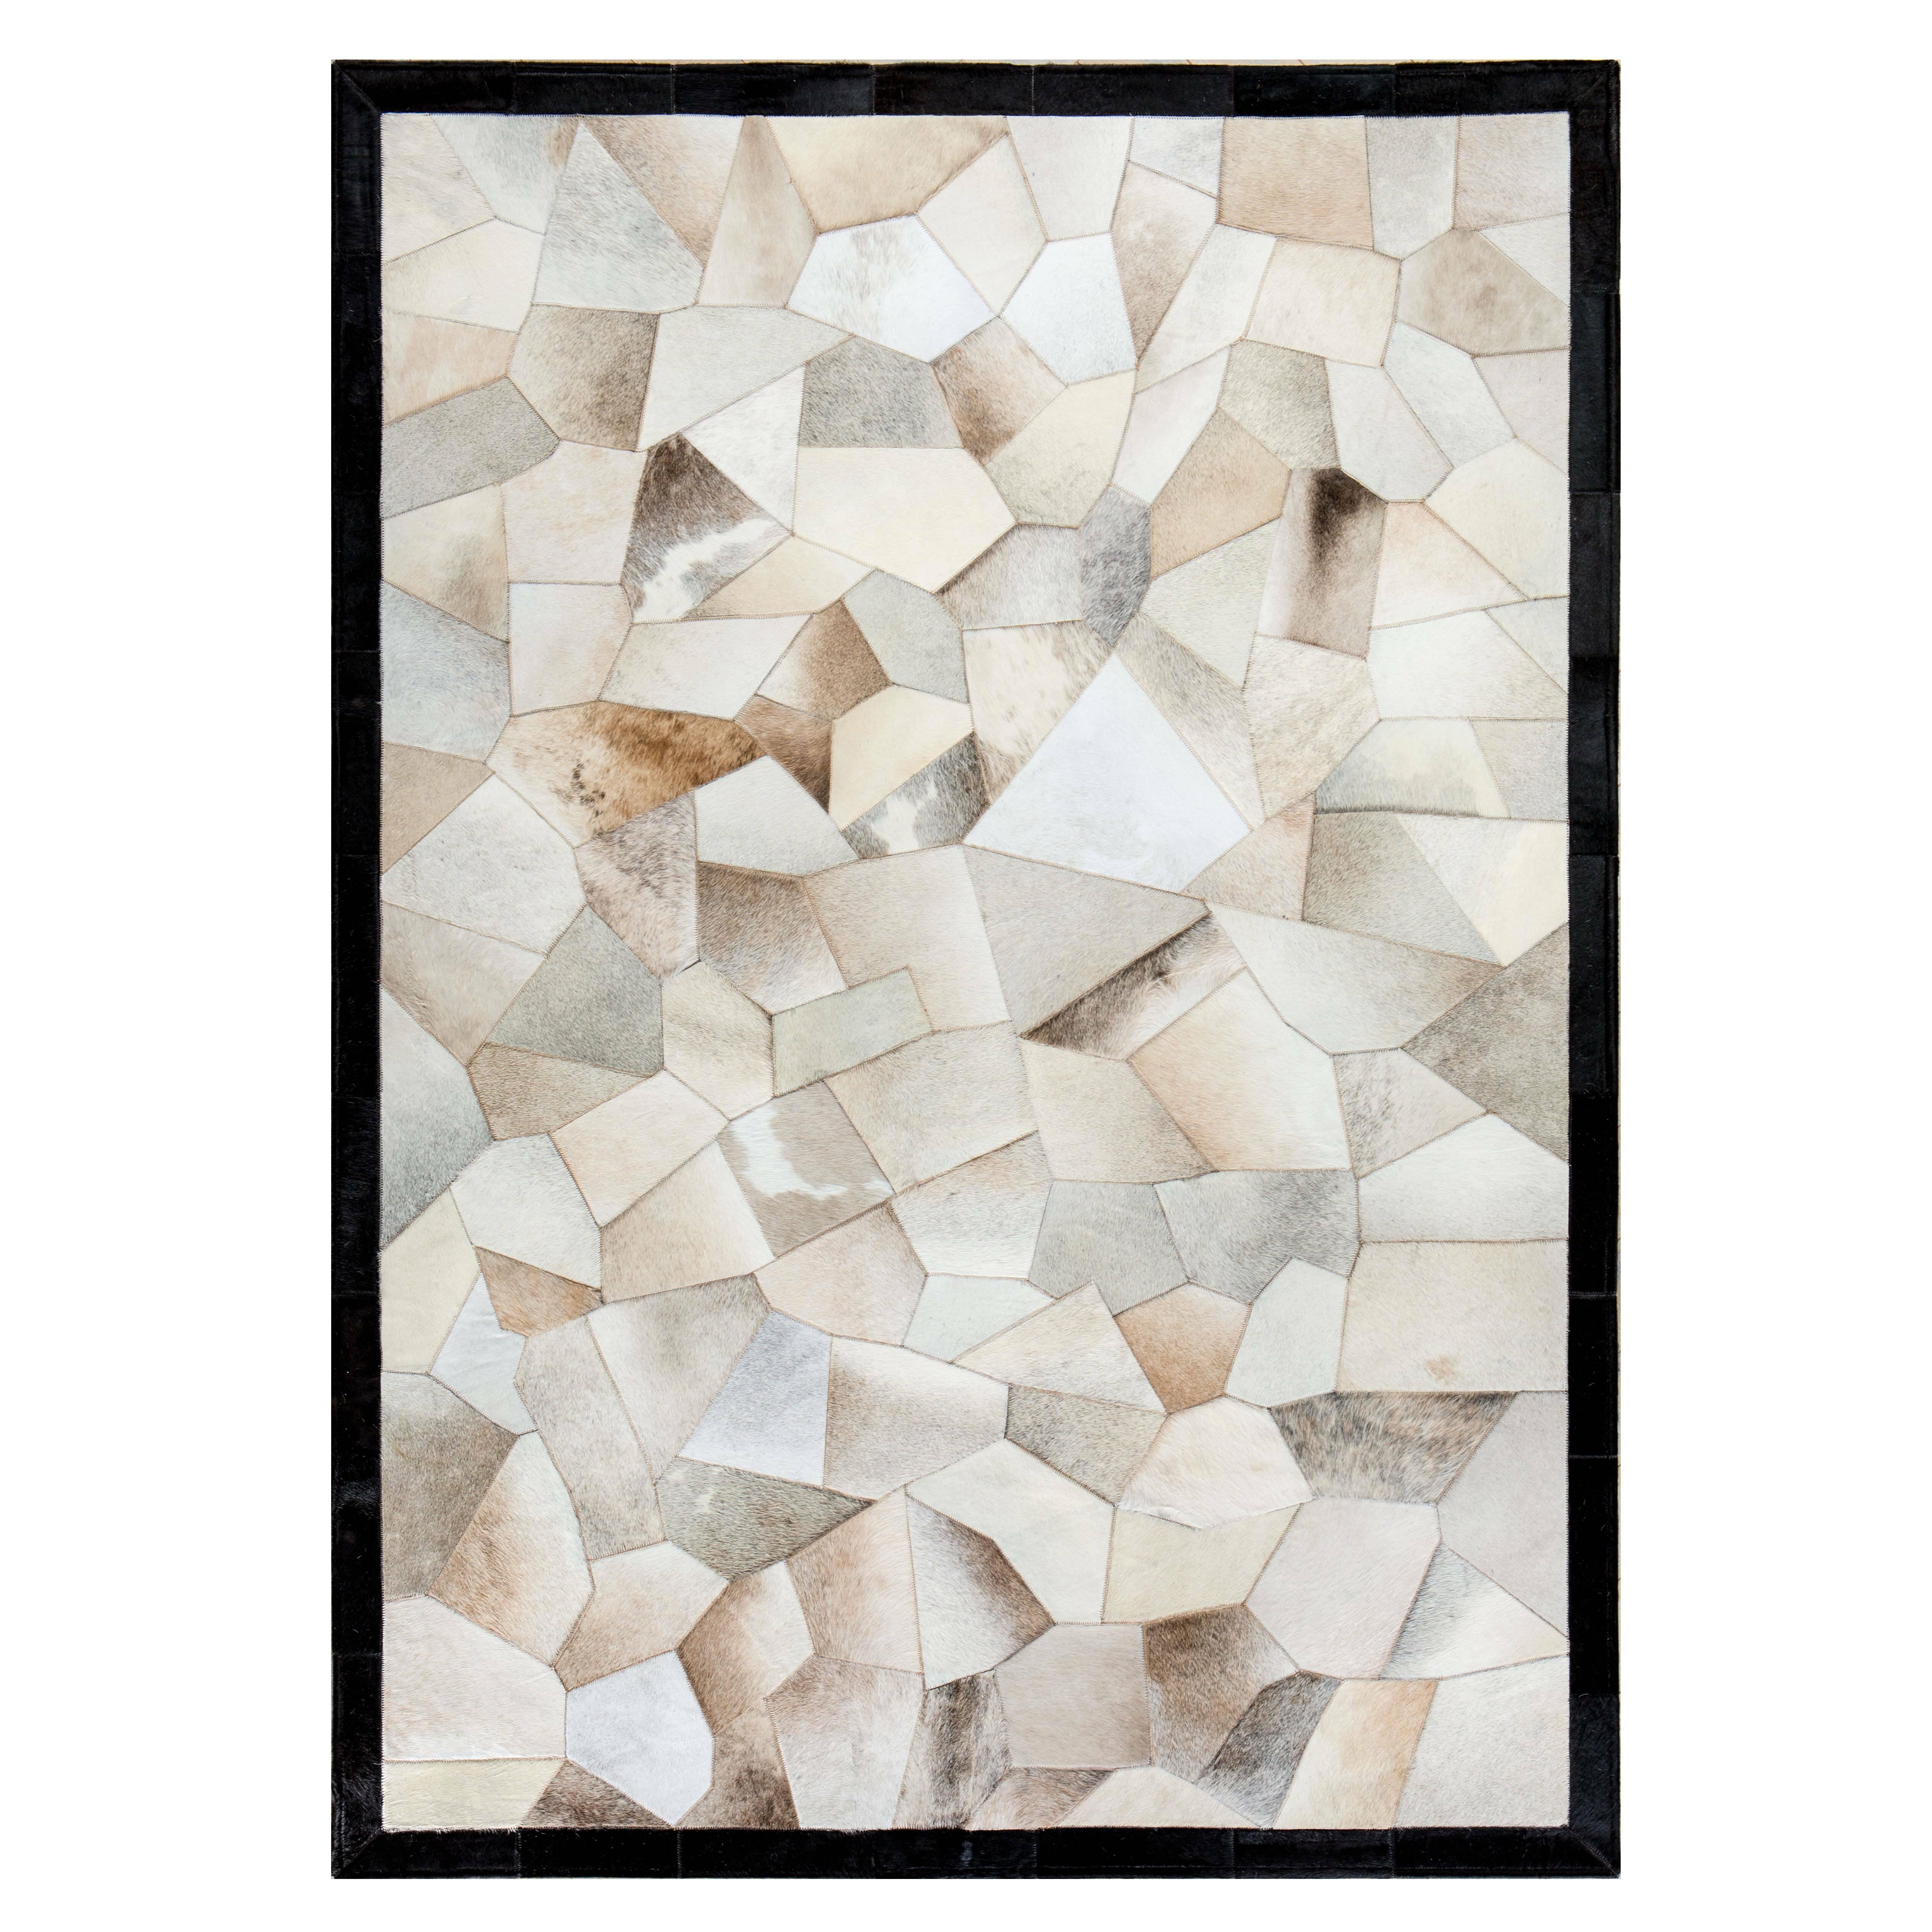 Ковер QuartzКовры<br>Mosaic Rug – это уникальный английский бренд, который занимается производством высококачественных ковров из коровьих шкур на основе из искусственной кожи. Дизайнеры создают из этого необычного материала настоящие шедевры. Каждое изделие шьется вручную с помощью современных швейных машин. Ковры отличаются яркой индивидуальностью и характером, каждый обладает интересными сочетаниями цветовых оттенков, паттернов, рисунков и узоров. Все этапы производства находятся под тщательным контролем опы...<br><br>stock: 0<br>Ширина: 120<br>Материал: Коровья шкура<br>Цвет: Разноцветный<br>Длина: 180<br>Состав основы: Кожа искусственная